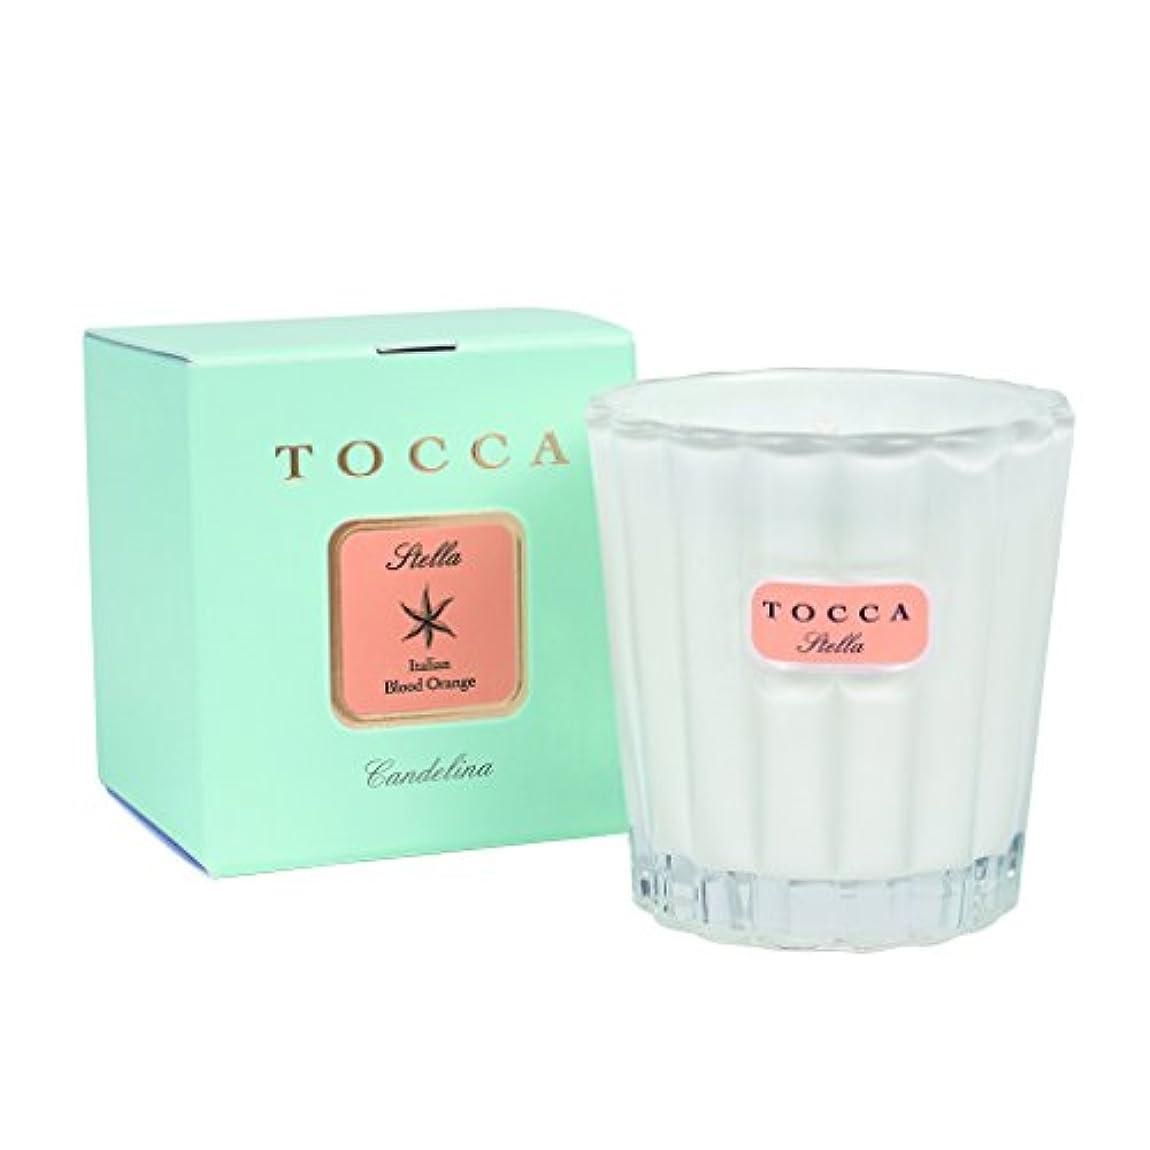 重要性会員カレンダートッカ(TOCCA) キャンデリーナ ステラ 88g (キャンドル ろうそく シトラス系でありながらほんのり甘く苦味を感じることのないさわやかな香り)